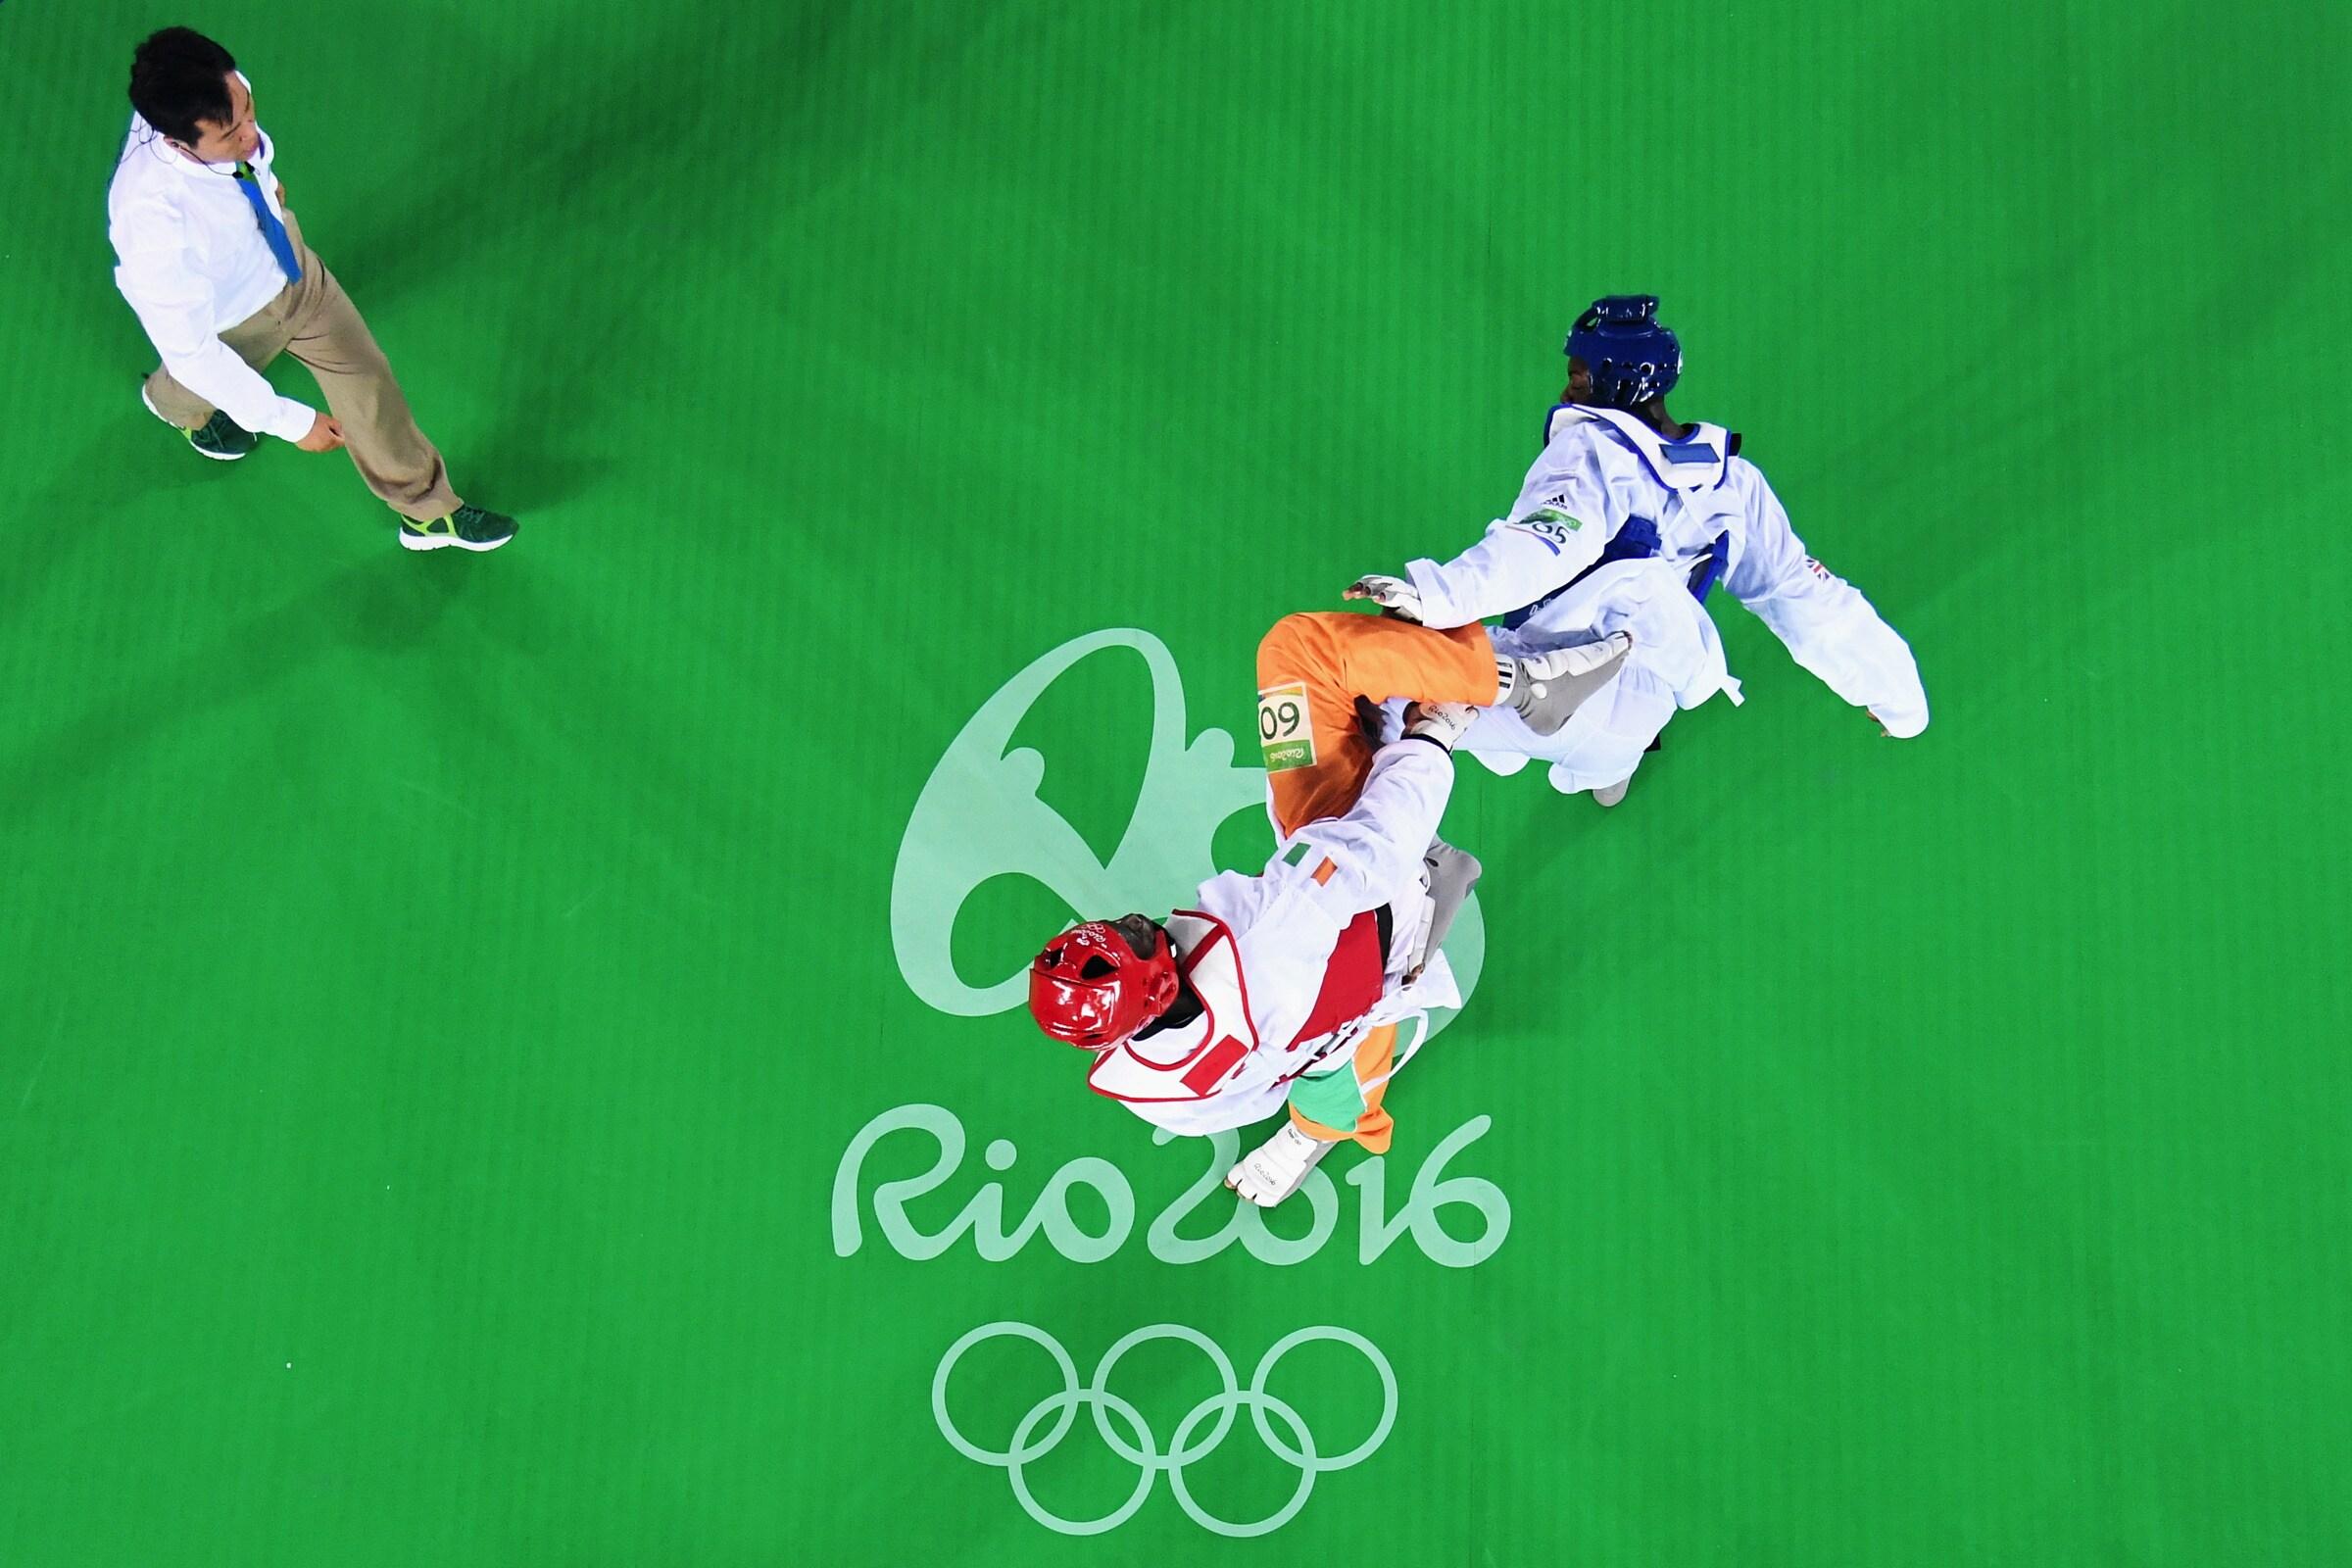 Taekwondo - 68 - 80 kg Men